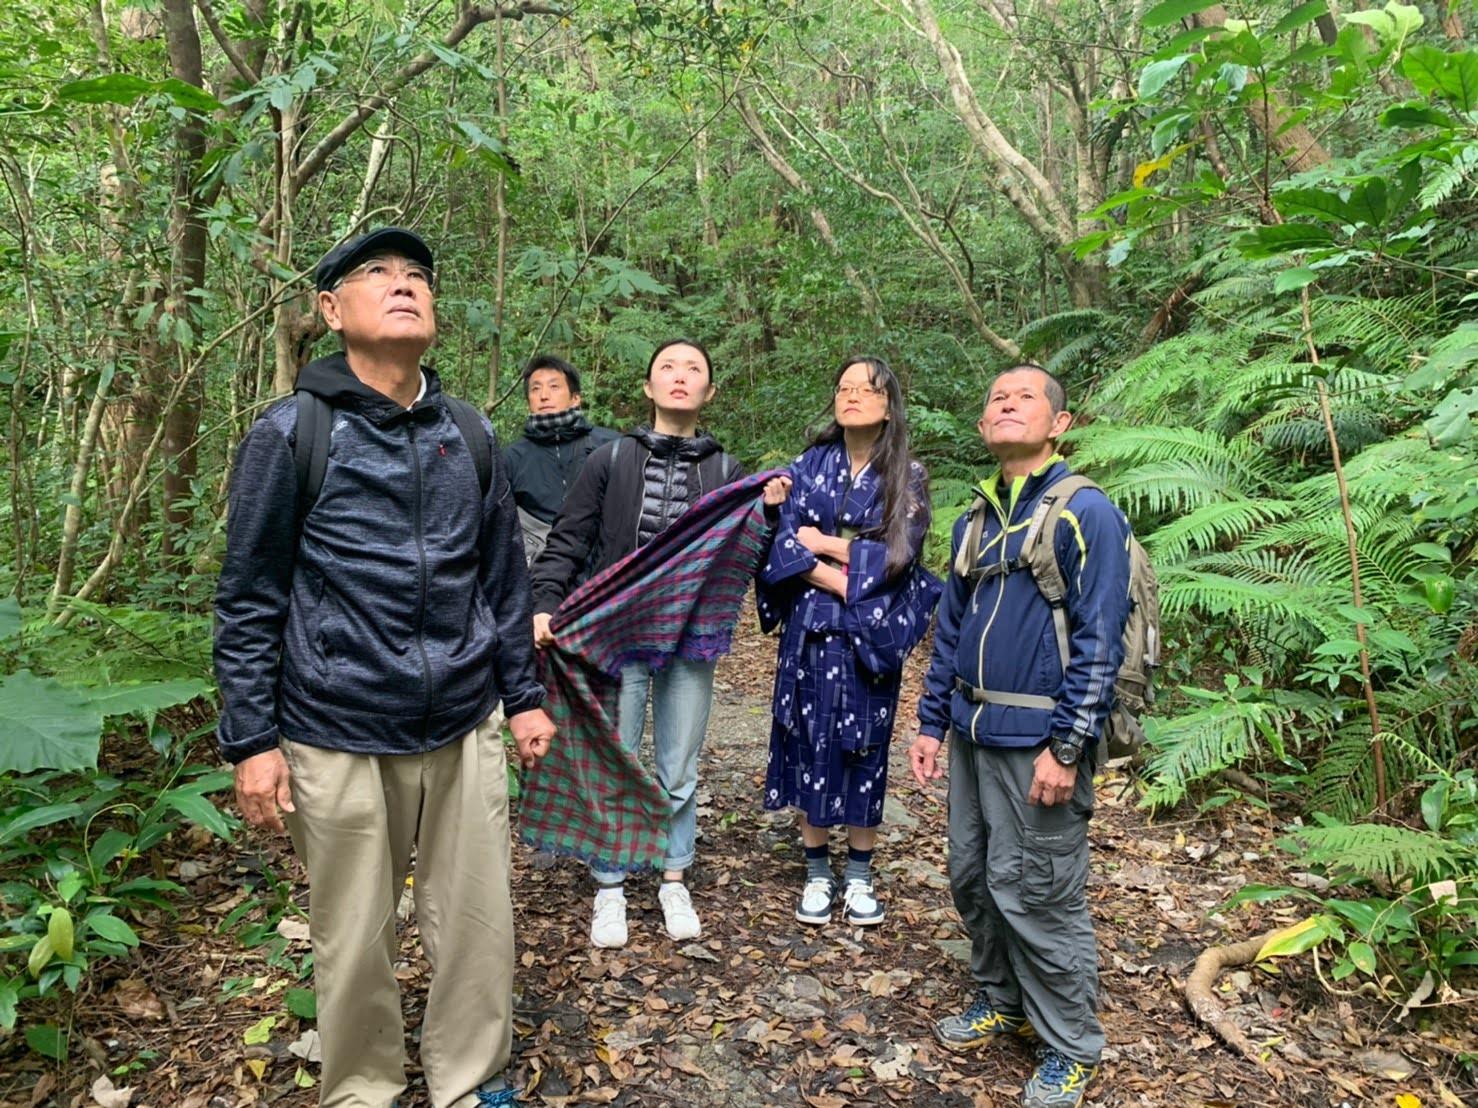 [レポート]沖縄本島北部(国頭村・東村・大宜味村)移住体験ツアー